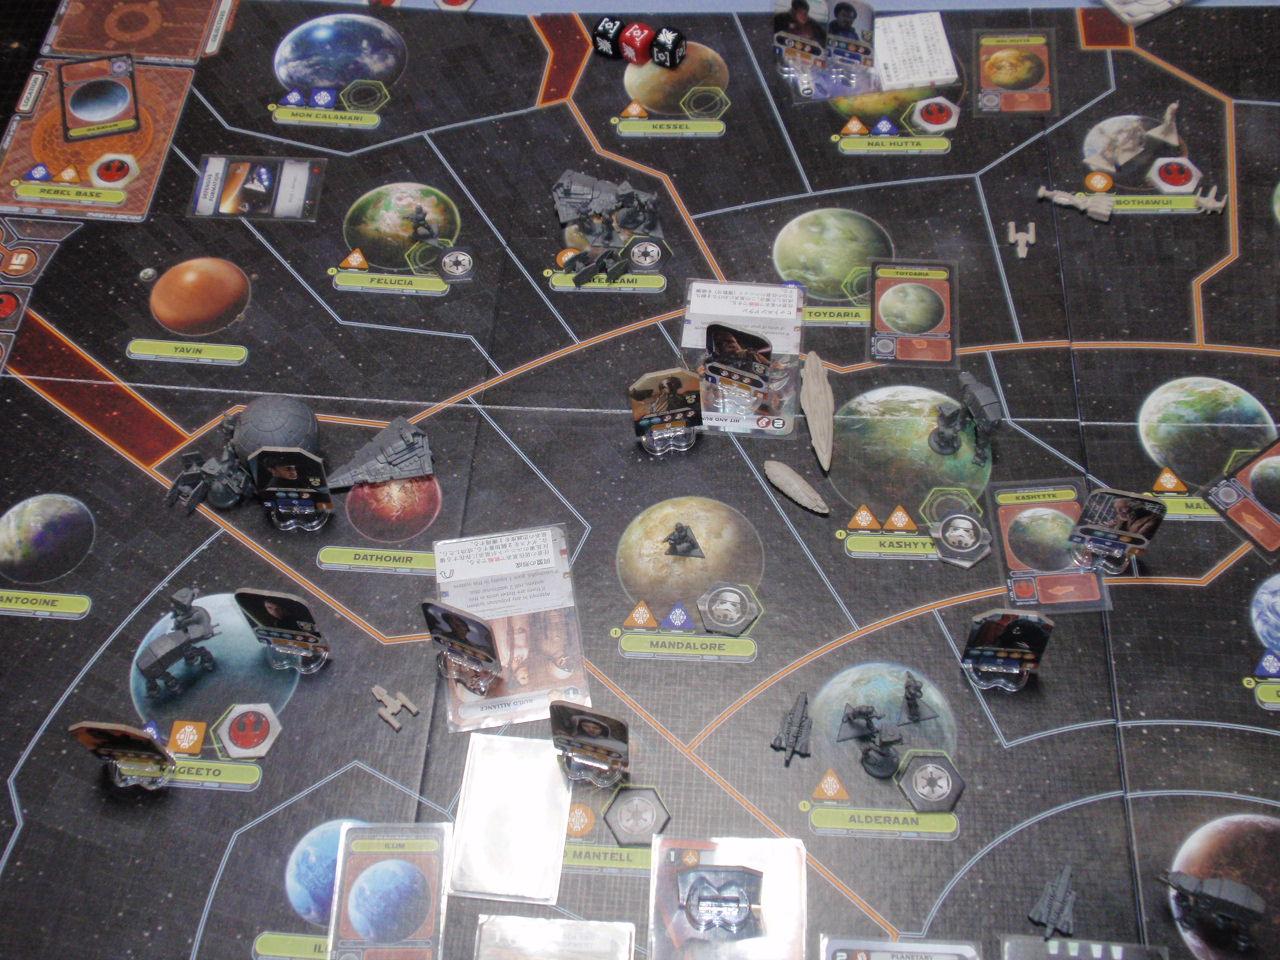 2020年のゲーム初め。FFG「Star Wars:Rebellion」をJr.と対戦_b0162202_1763256.jpg